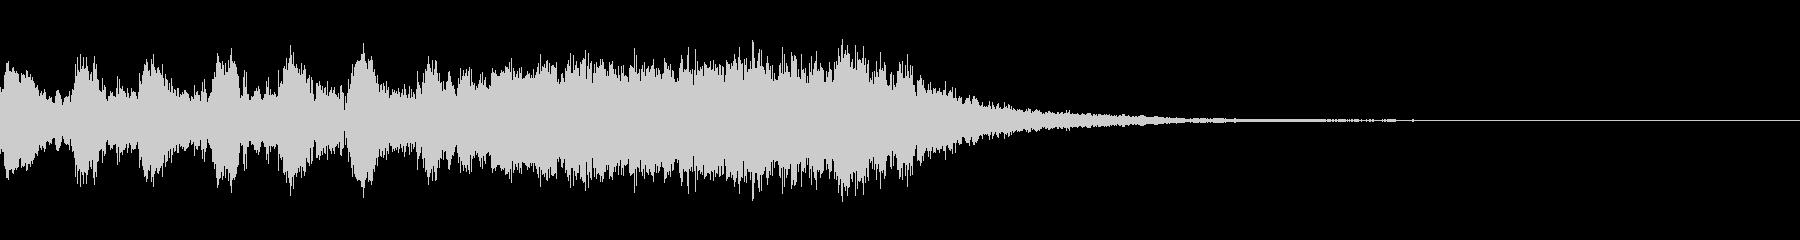 ポップ/ファンタジー風のアイキャッチの未再生の波形